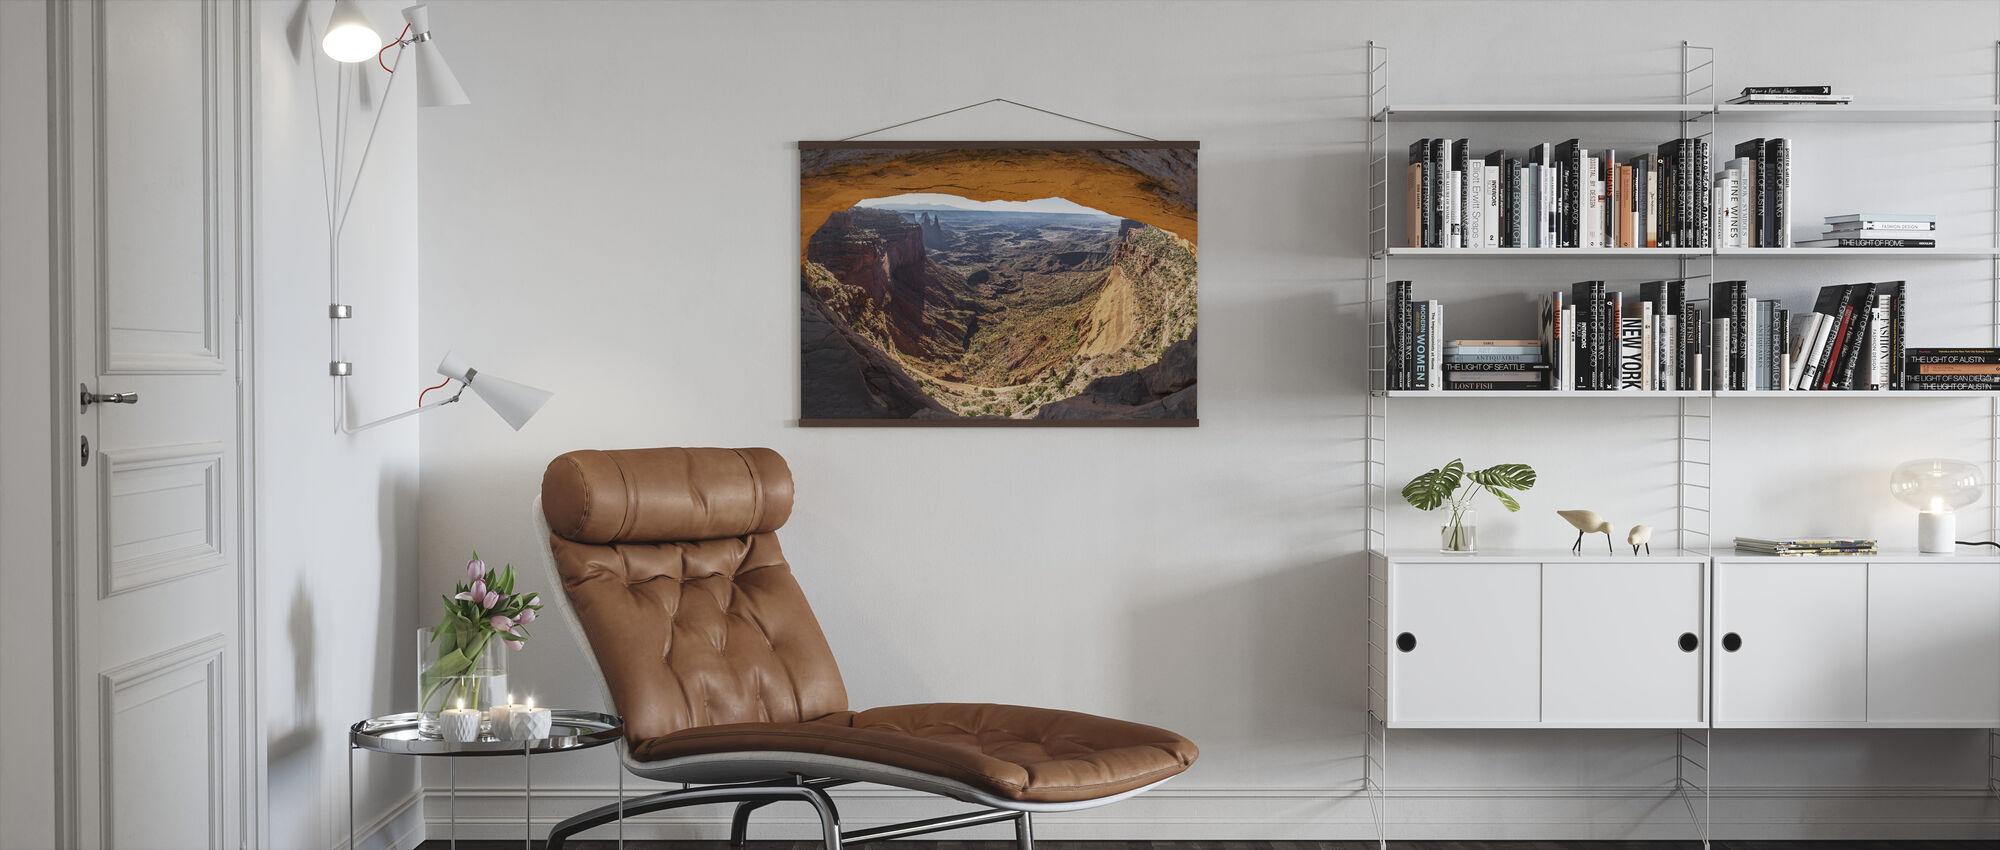 Mesa Arch - Juliste - Olohuone